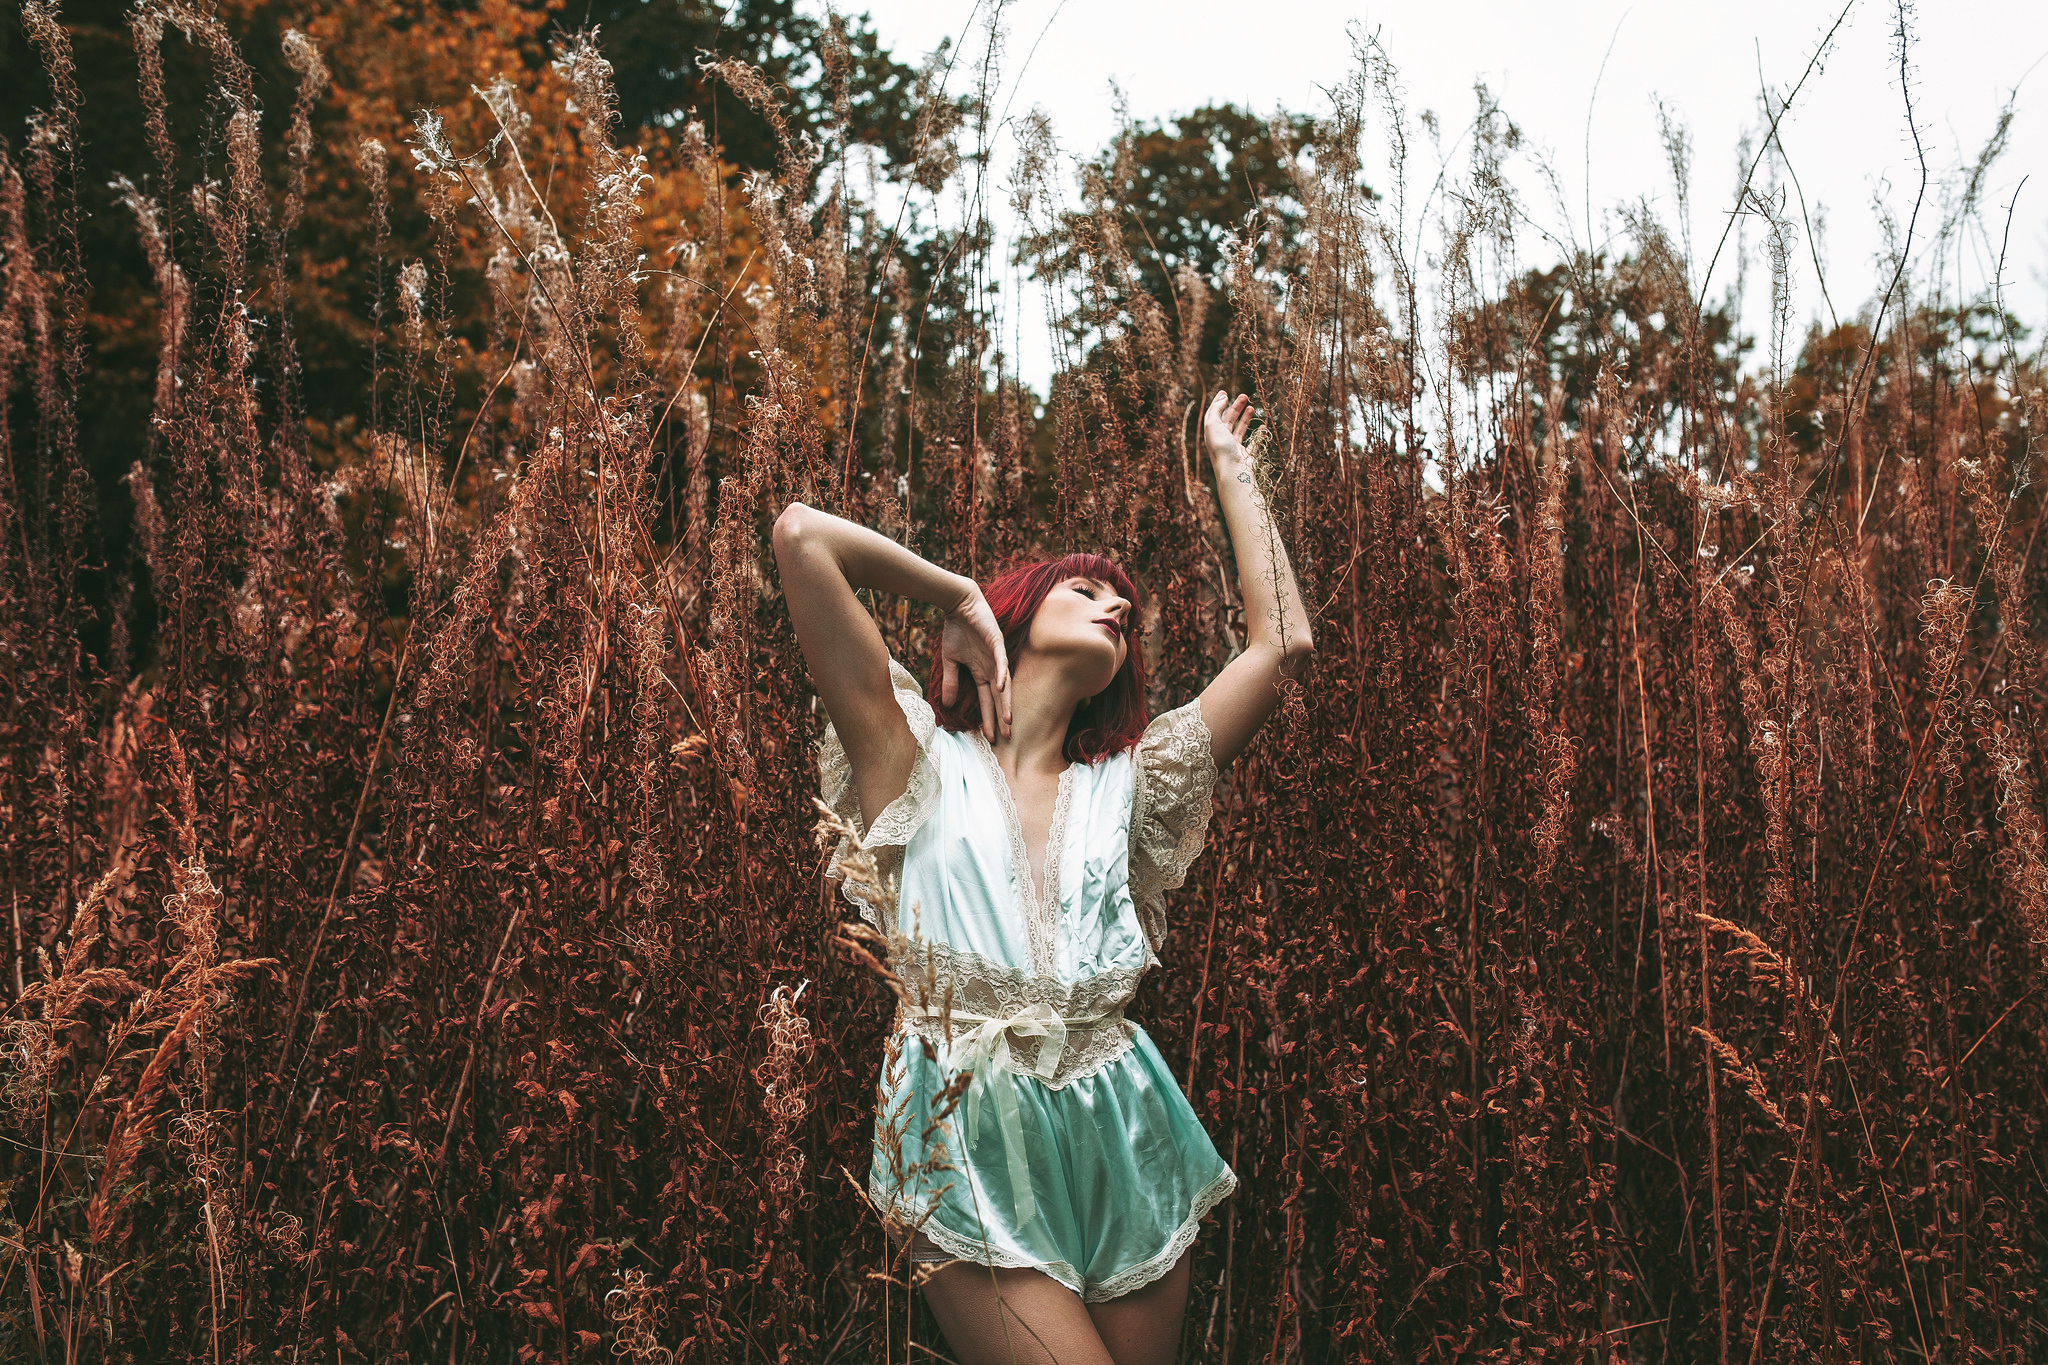 Фото девушек в высокой траве